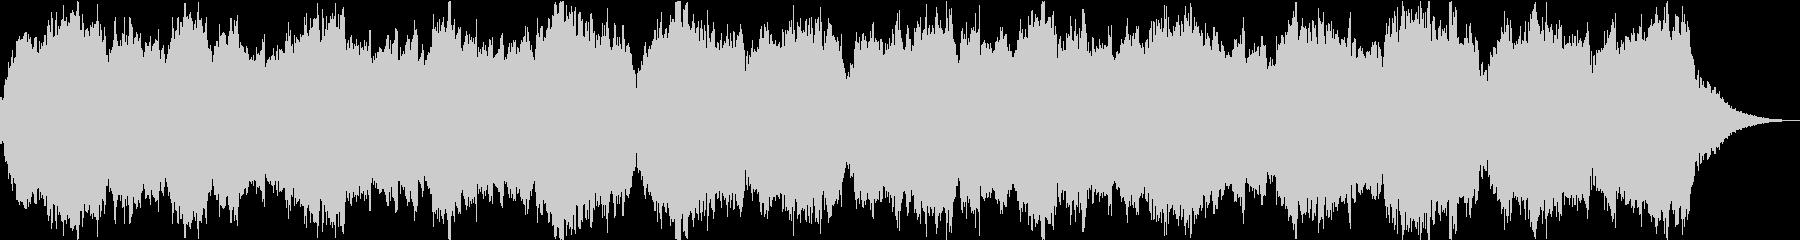 自然の神秘・クリアな音のアンビエントの未再生の波形